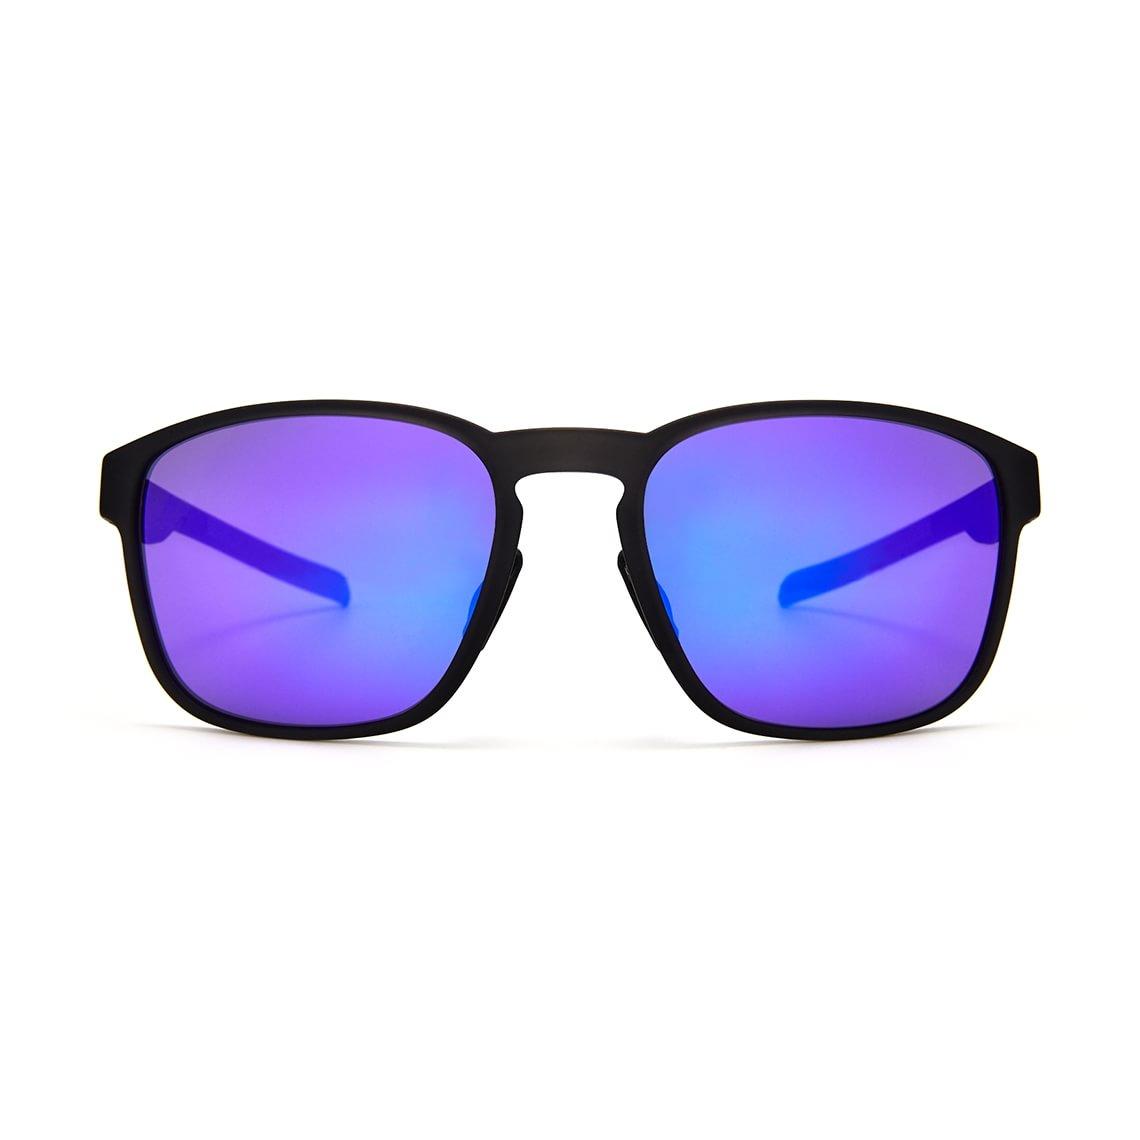 Adidas Protean Viola Mirror AD32 75 6700